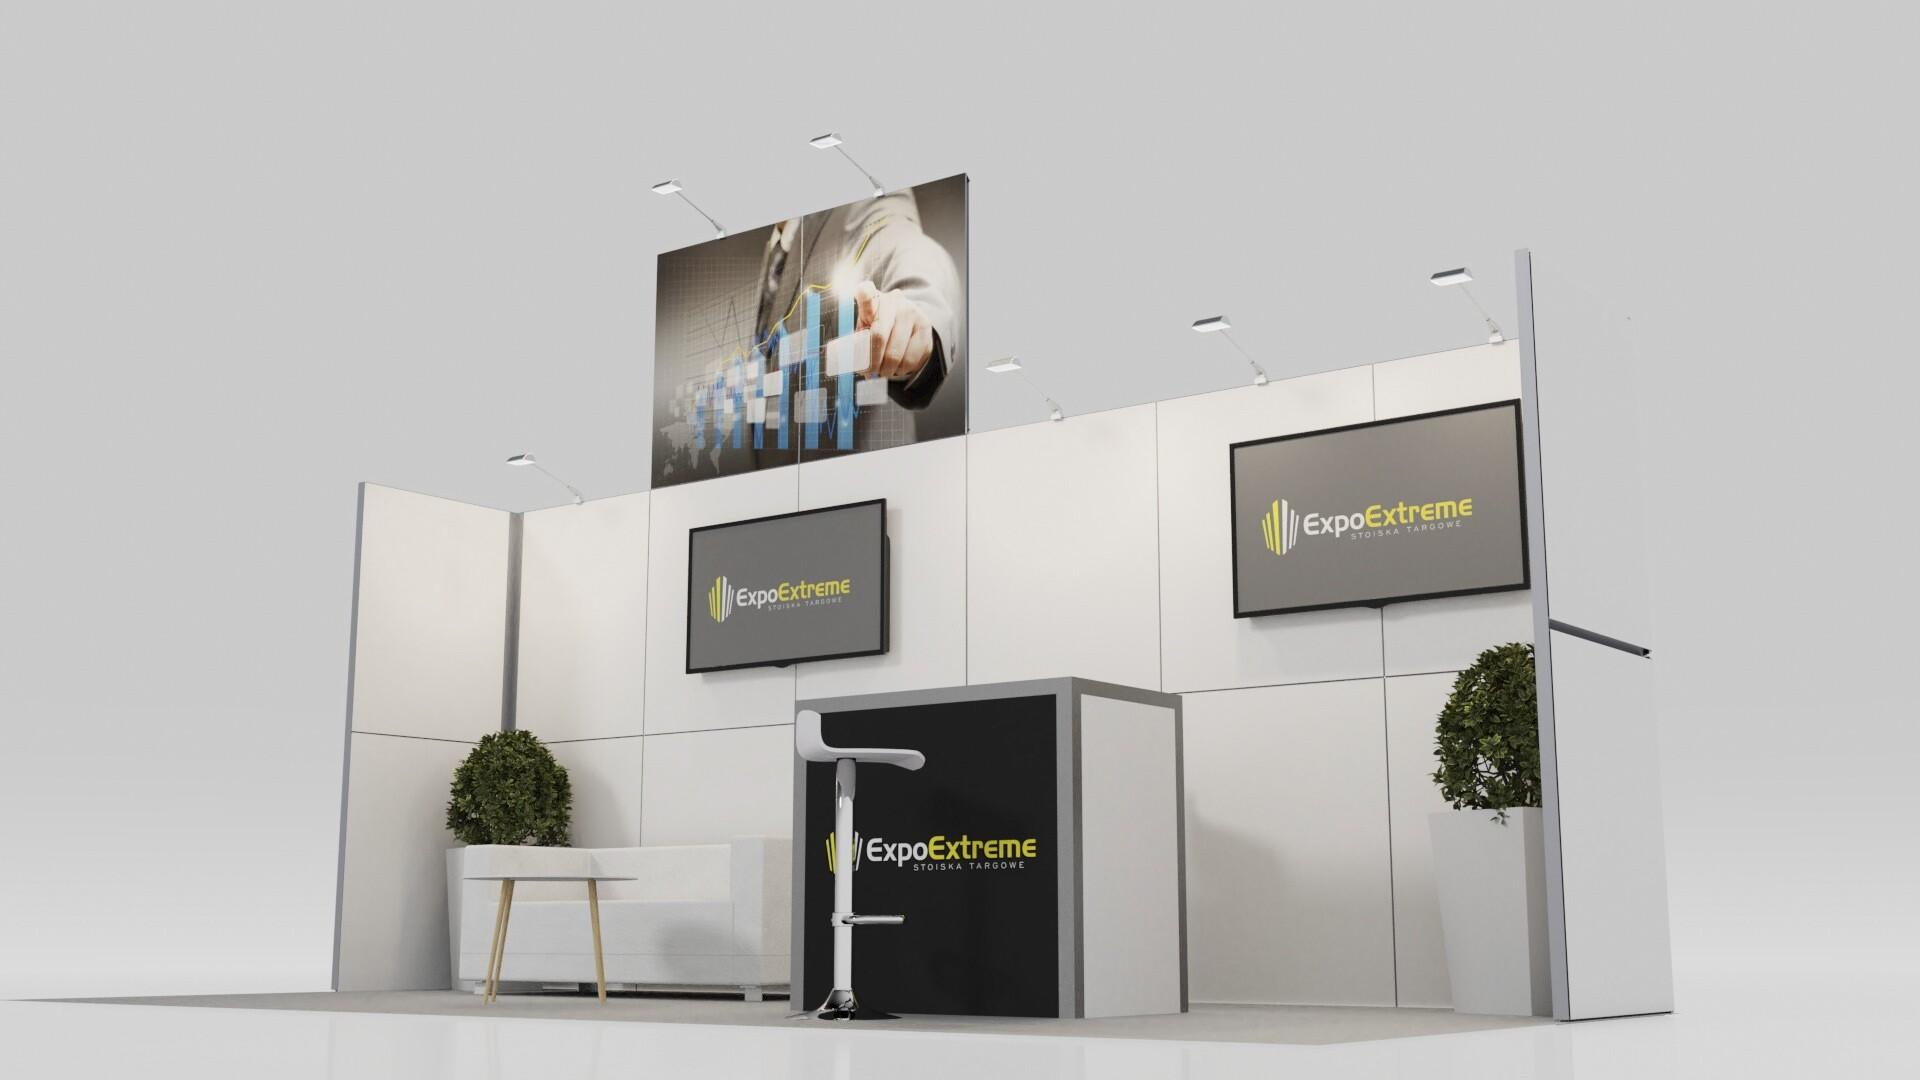 Ścianki targowe dla firm